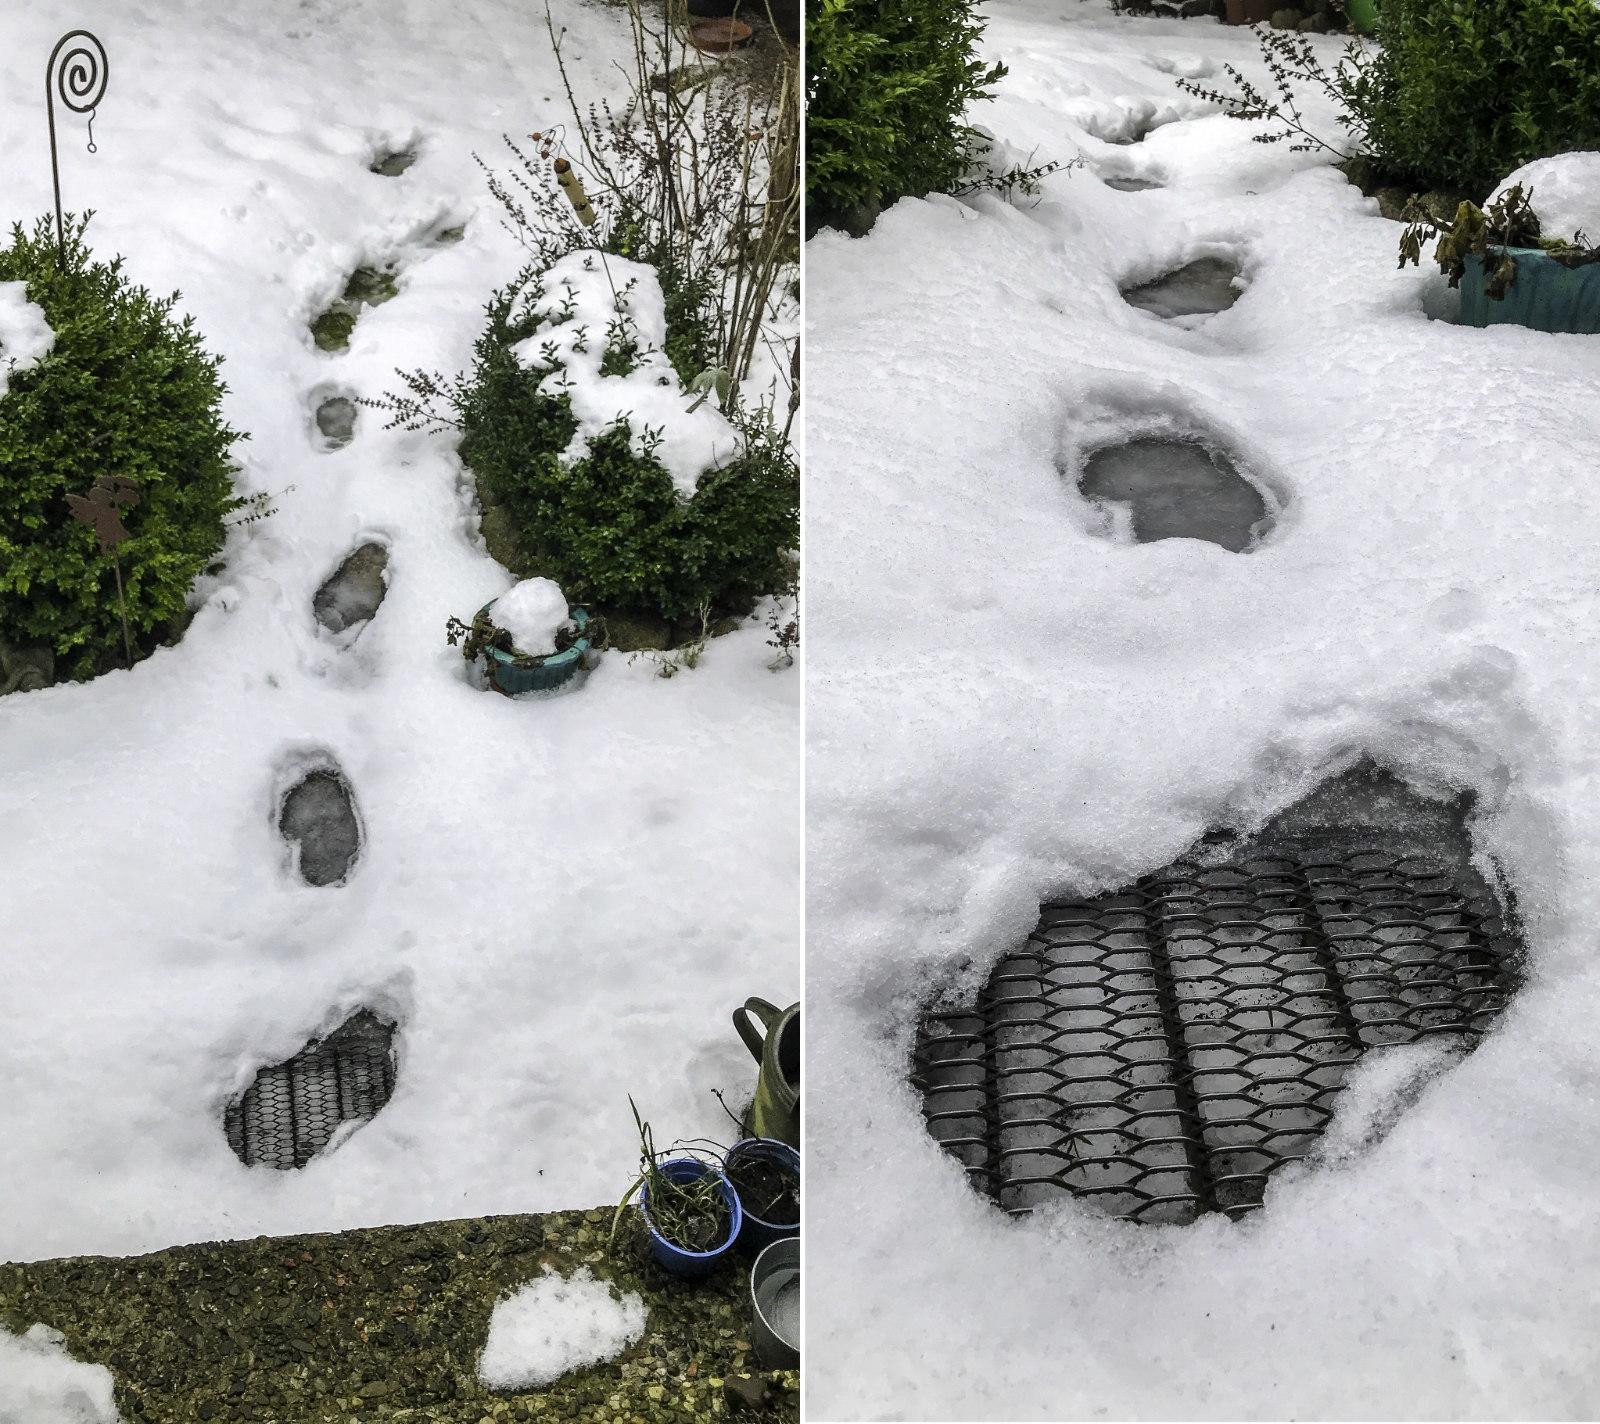 Antauende Fußspuren im Schnee